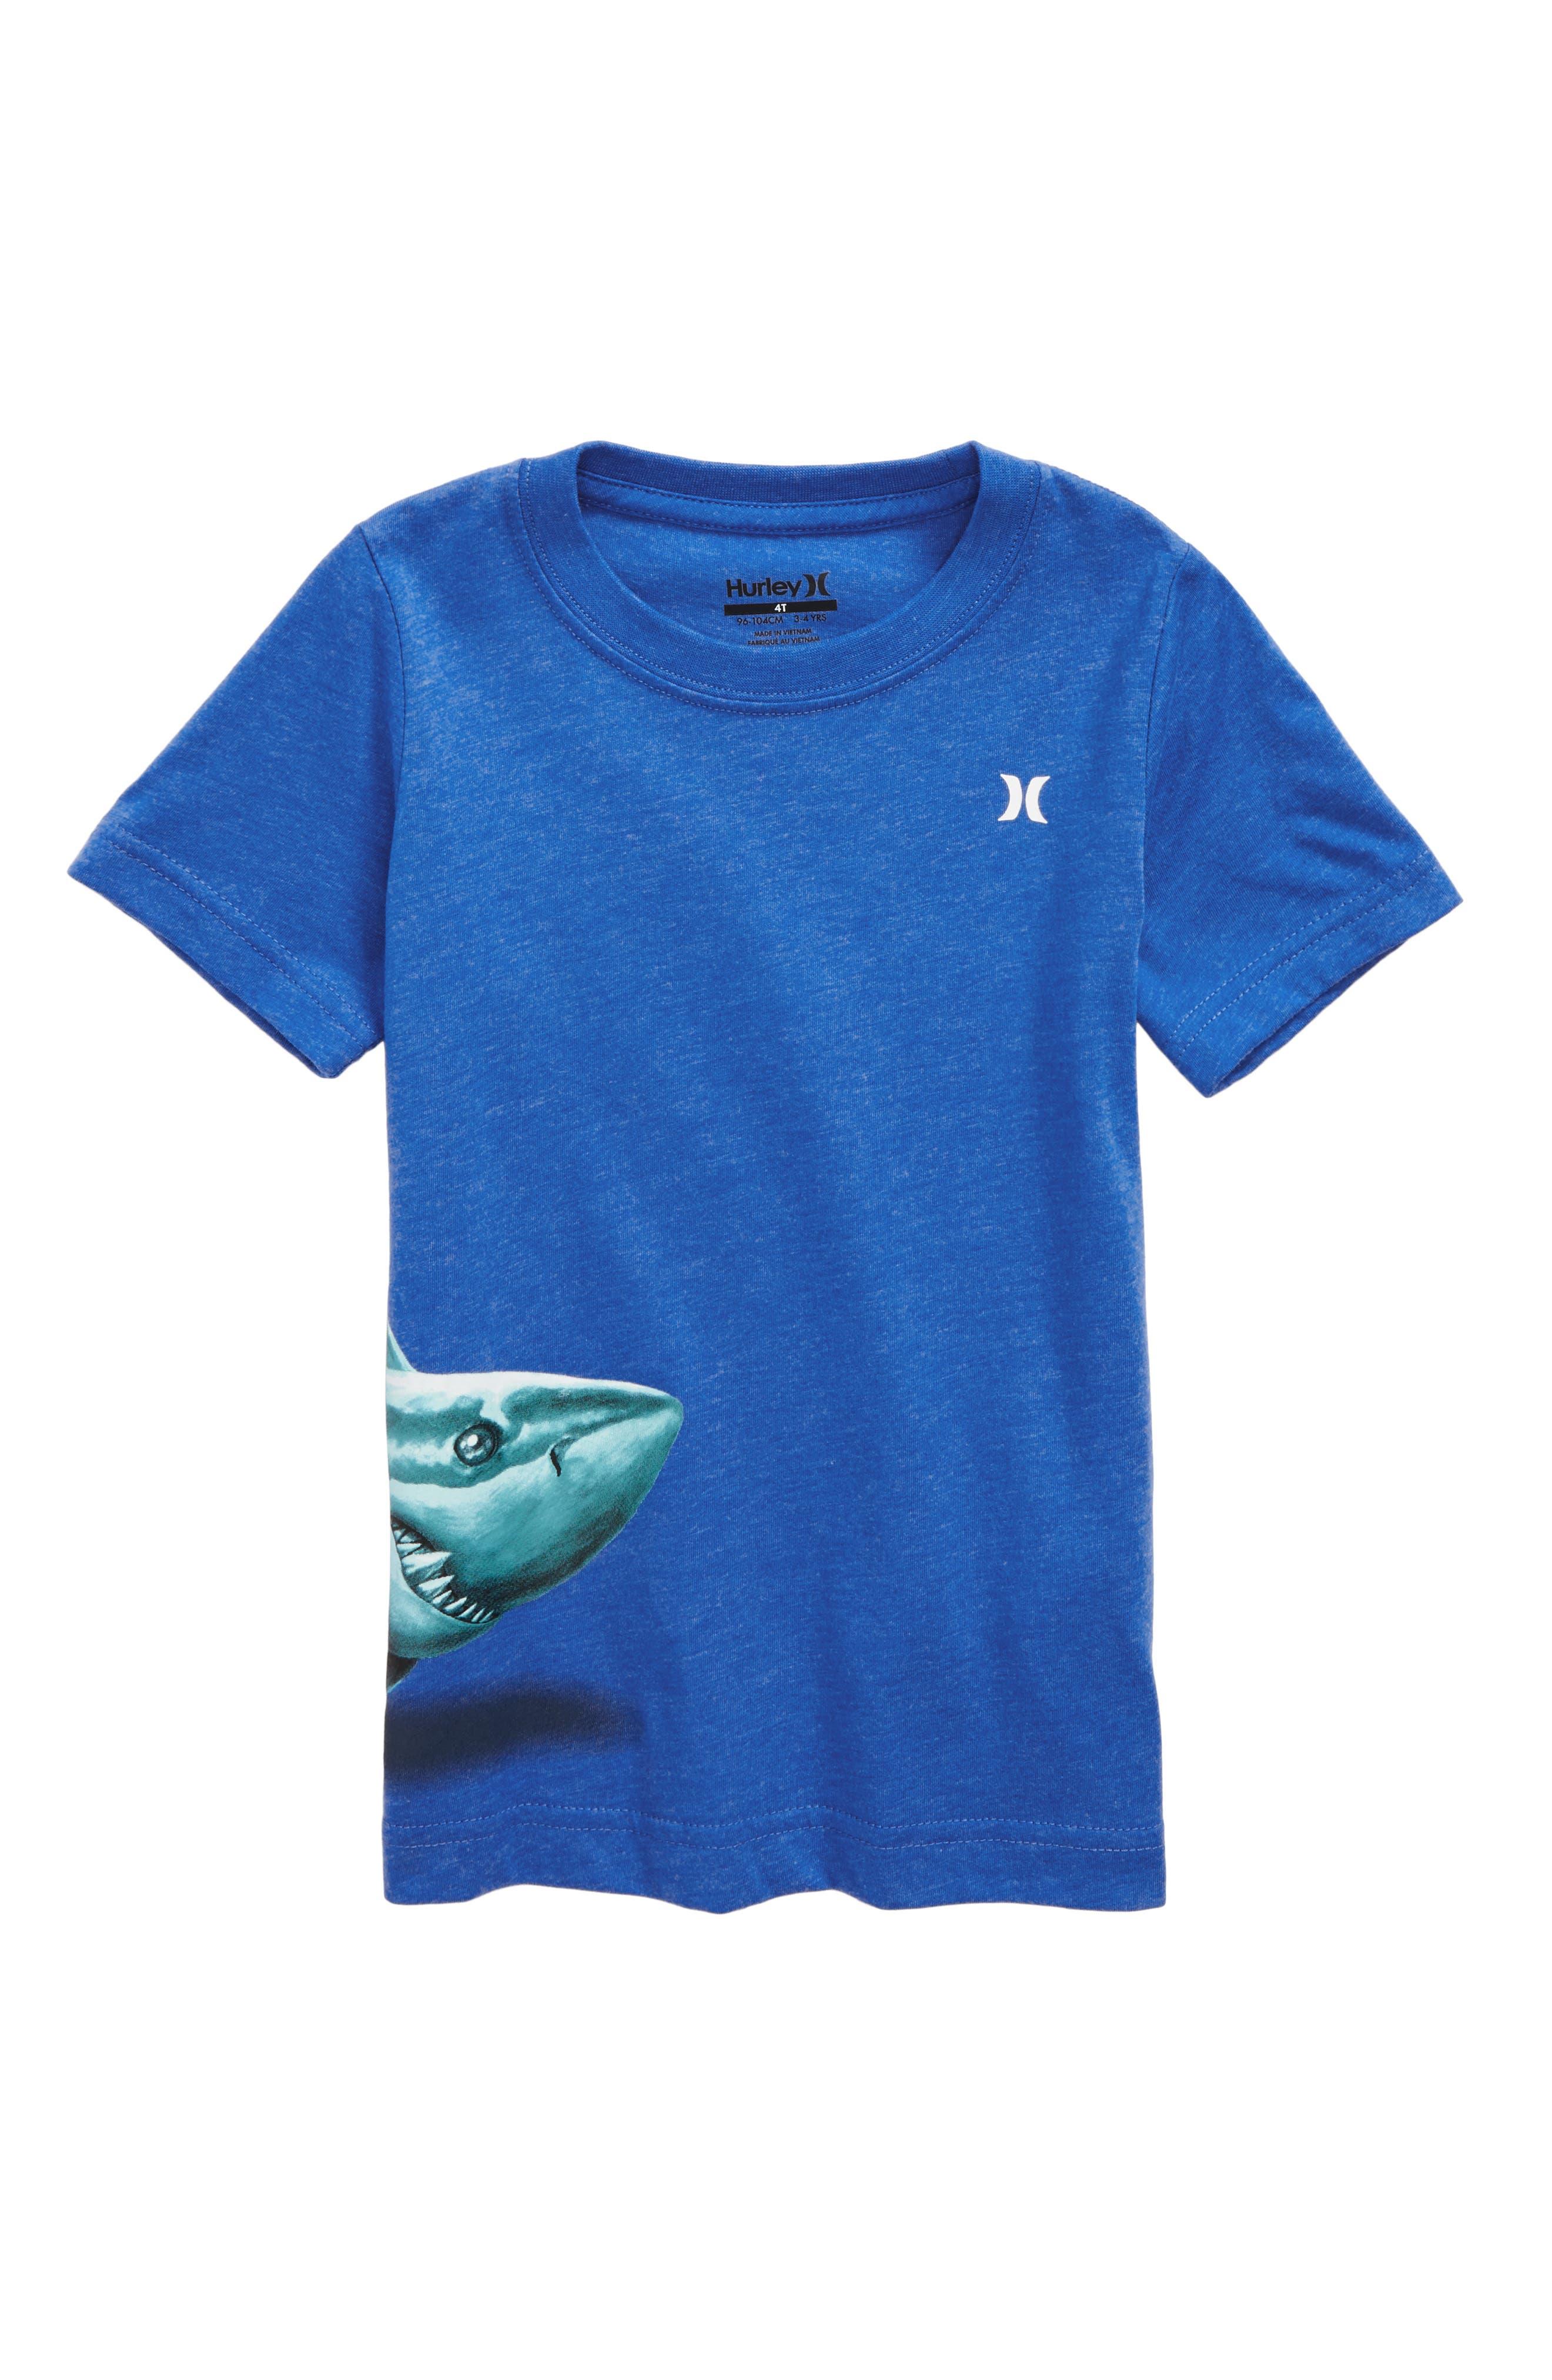 Sharky T-Shirt,                         Main,                         color, Fountain Blue Heather